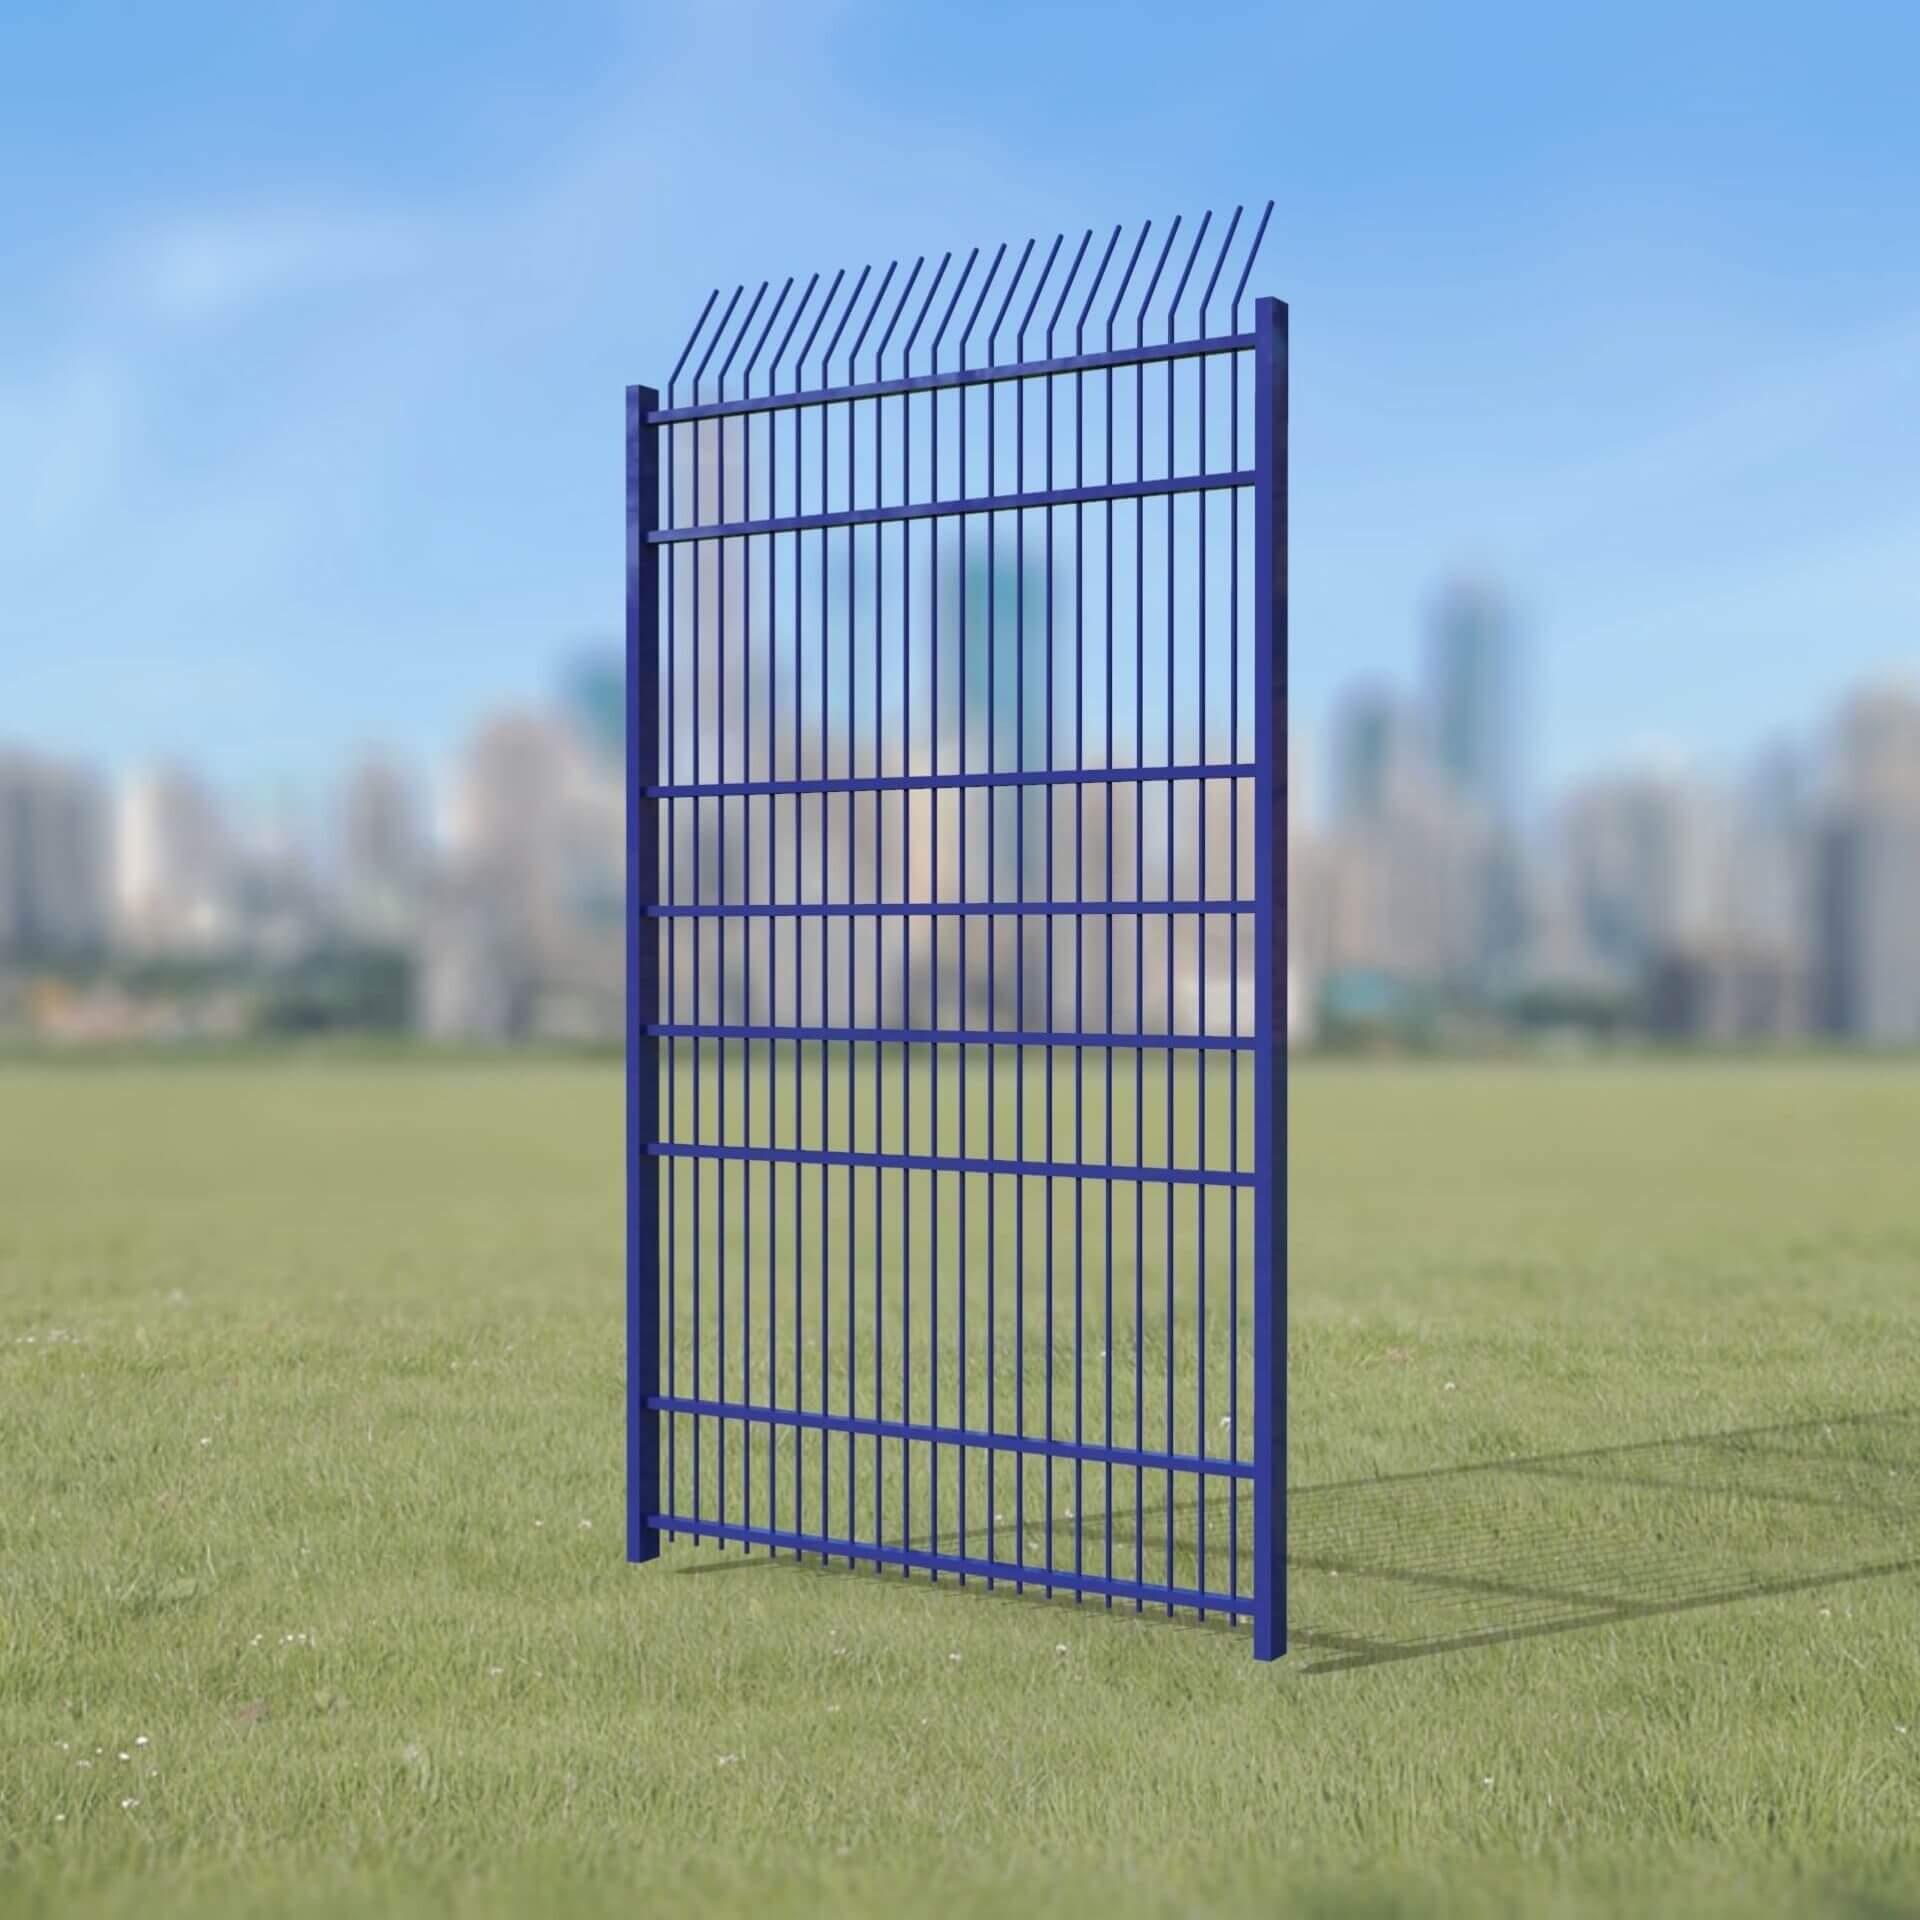 גדר מגרש ספורט דגם ארנה